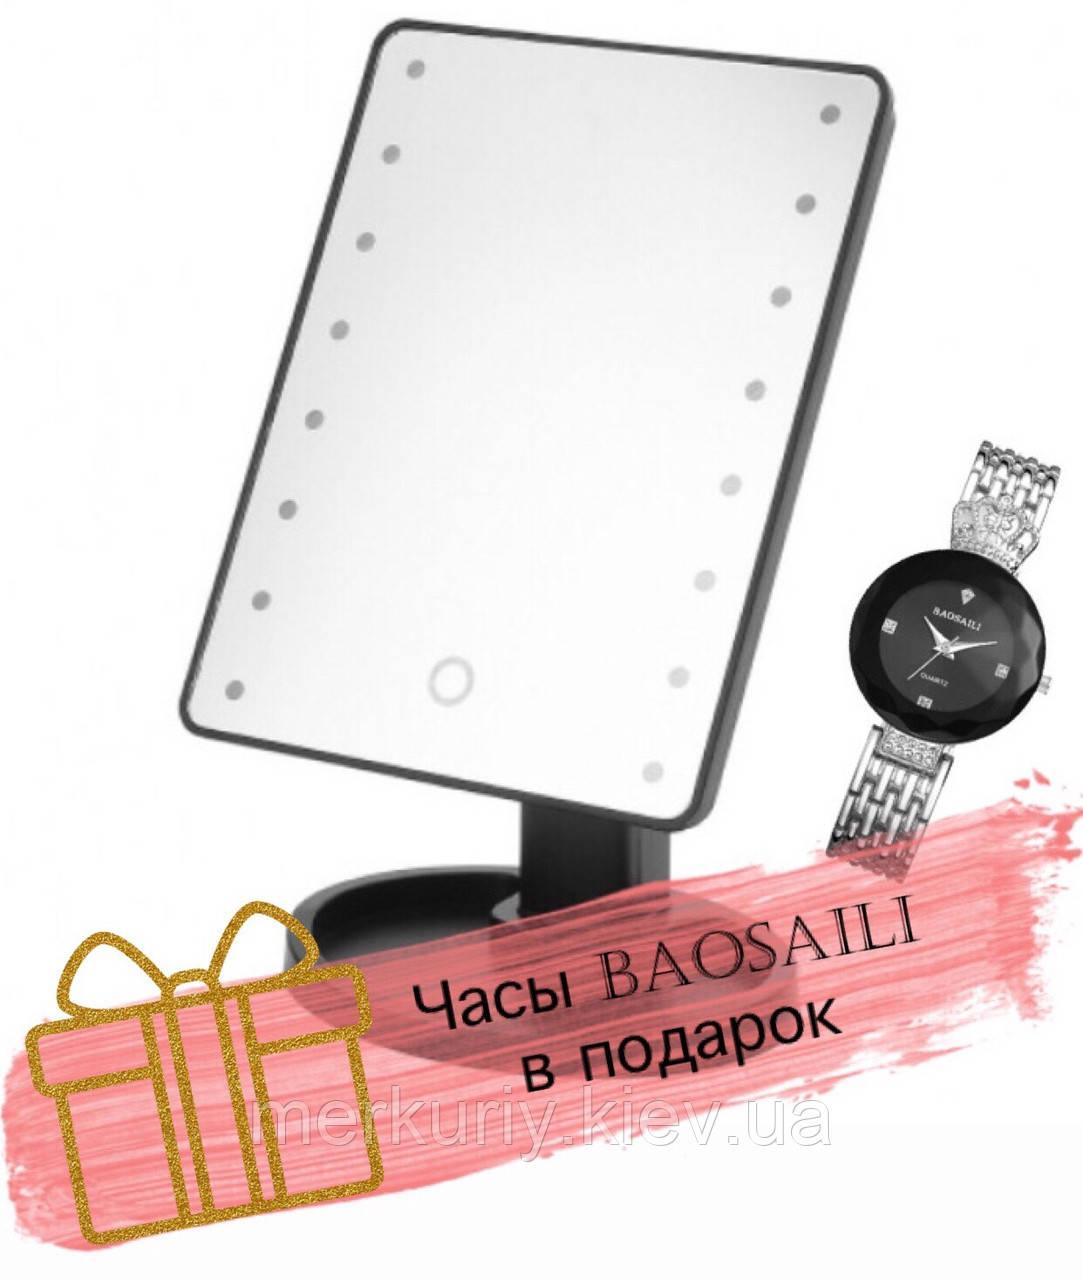 Косметическое настольное зеркало для макияжа с LED подсветкой Large Mirror + ЧАСЫ